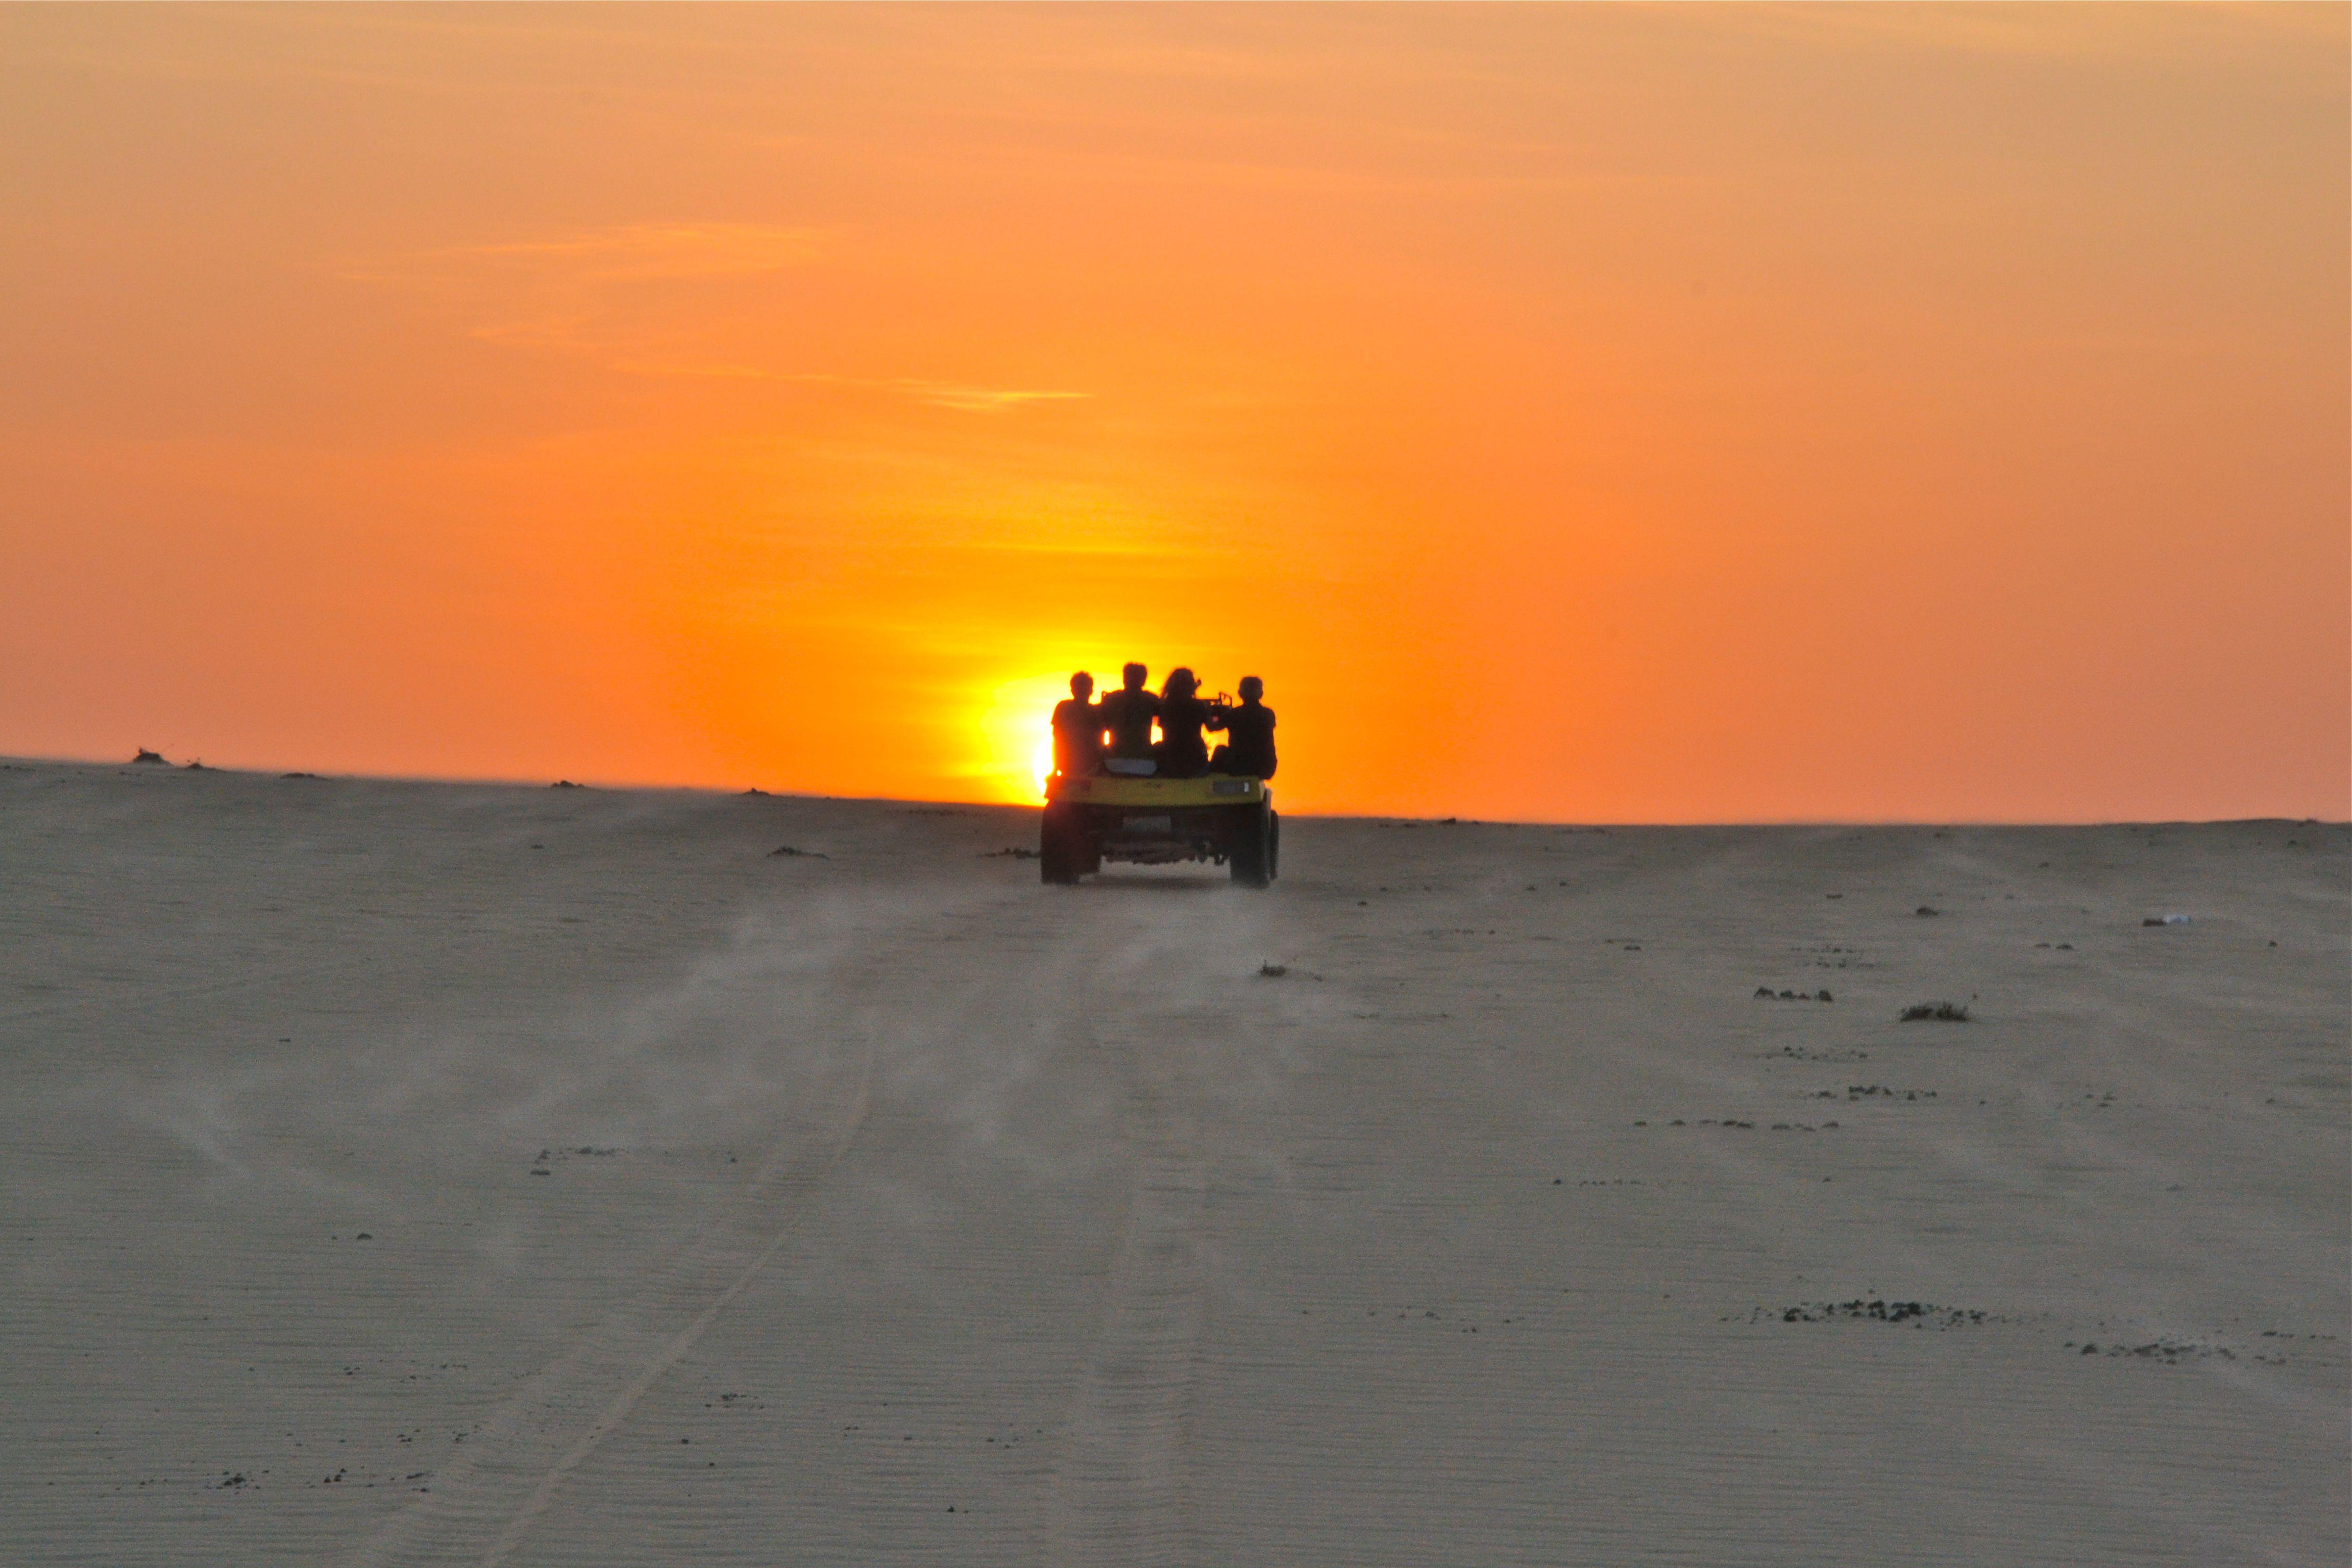 Coucher de soleil dans les dunes - A quelle heure se couche le soleil ce soir ...